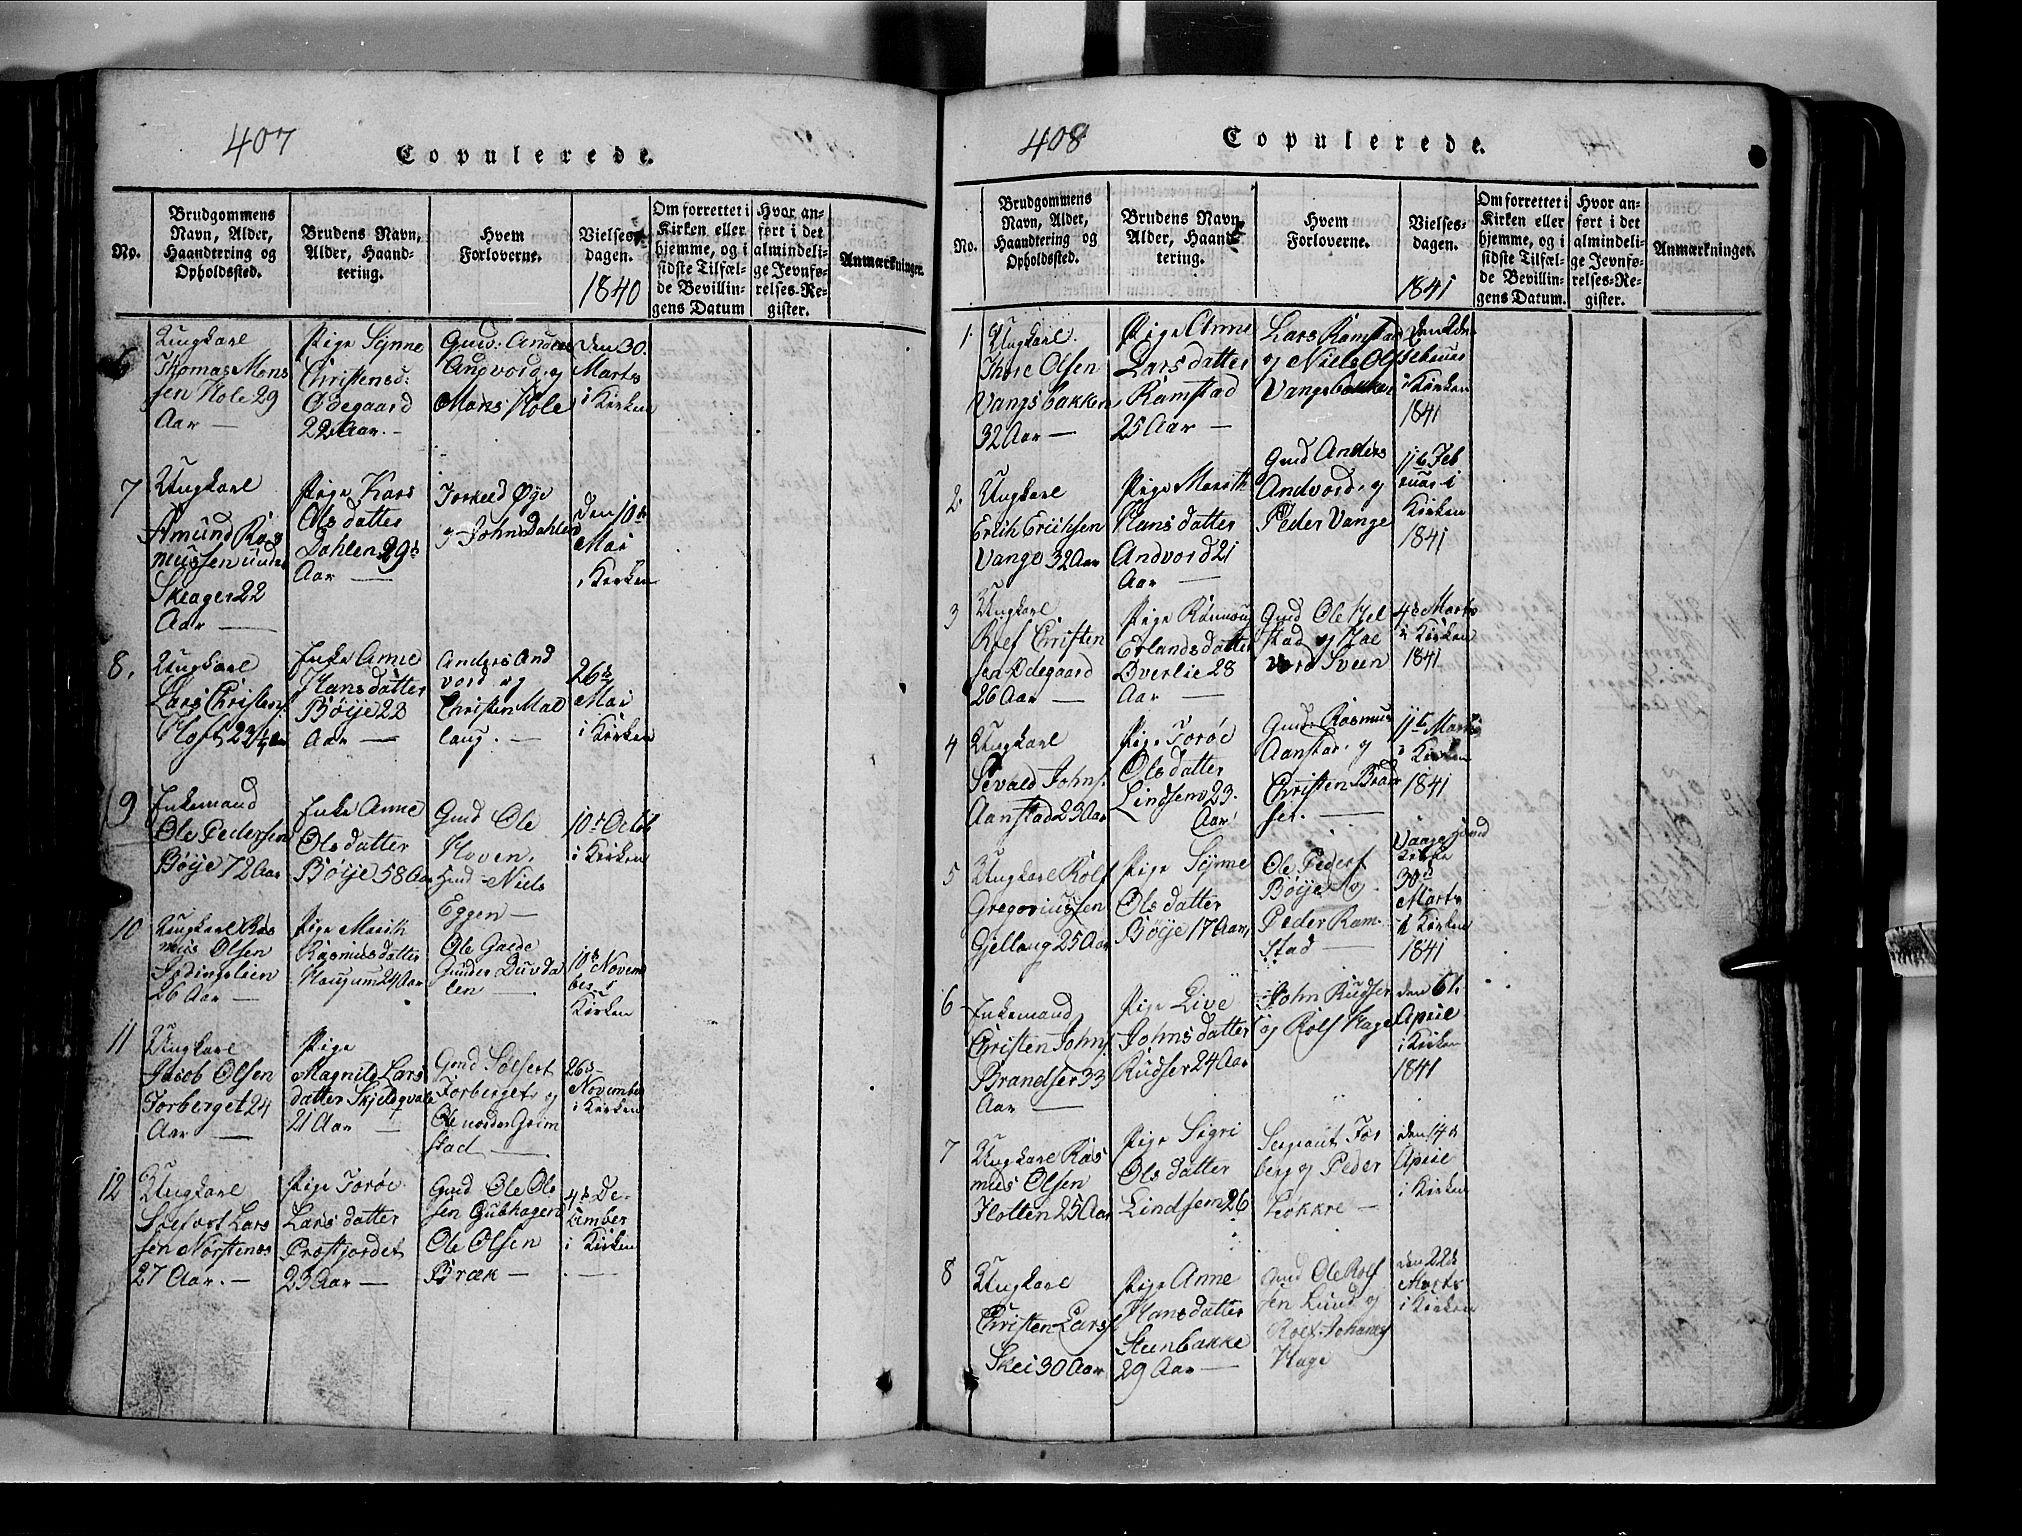 SAH, Lom prestekontor, L/L0003: Klokkerbok nr. 3, 1815-1844, s. 407-408